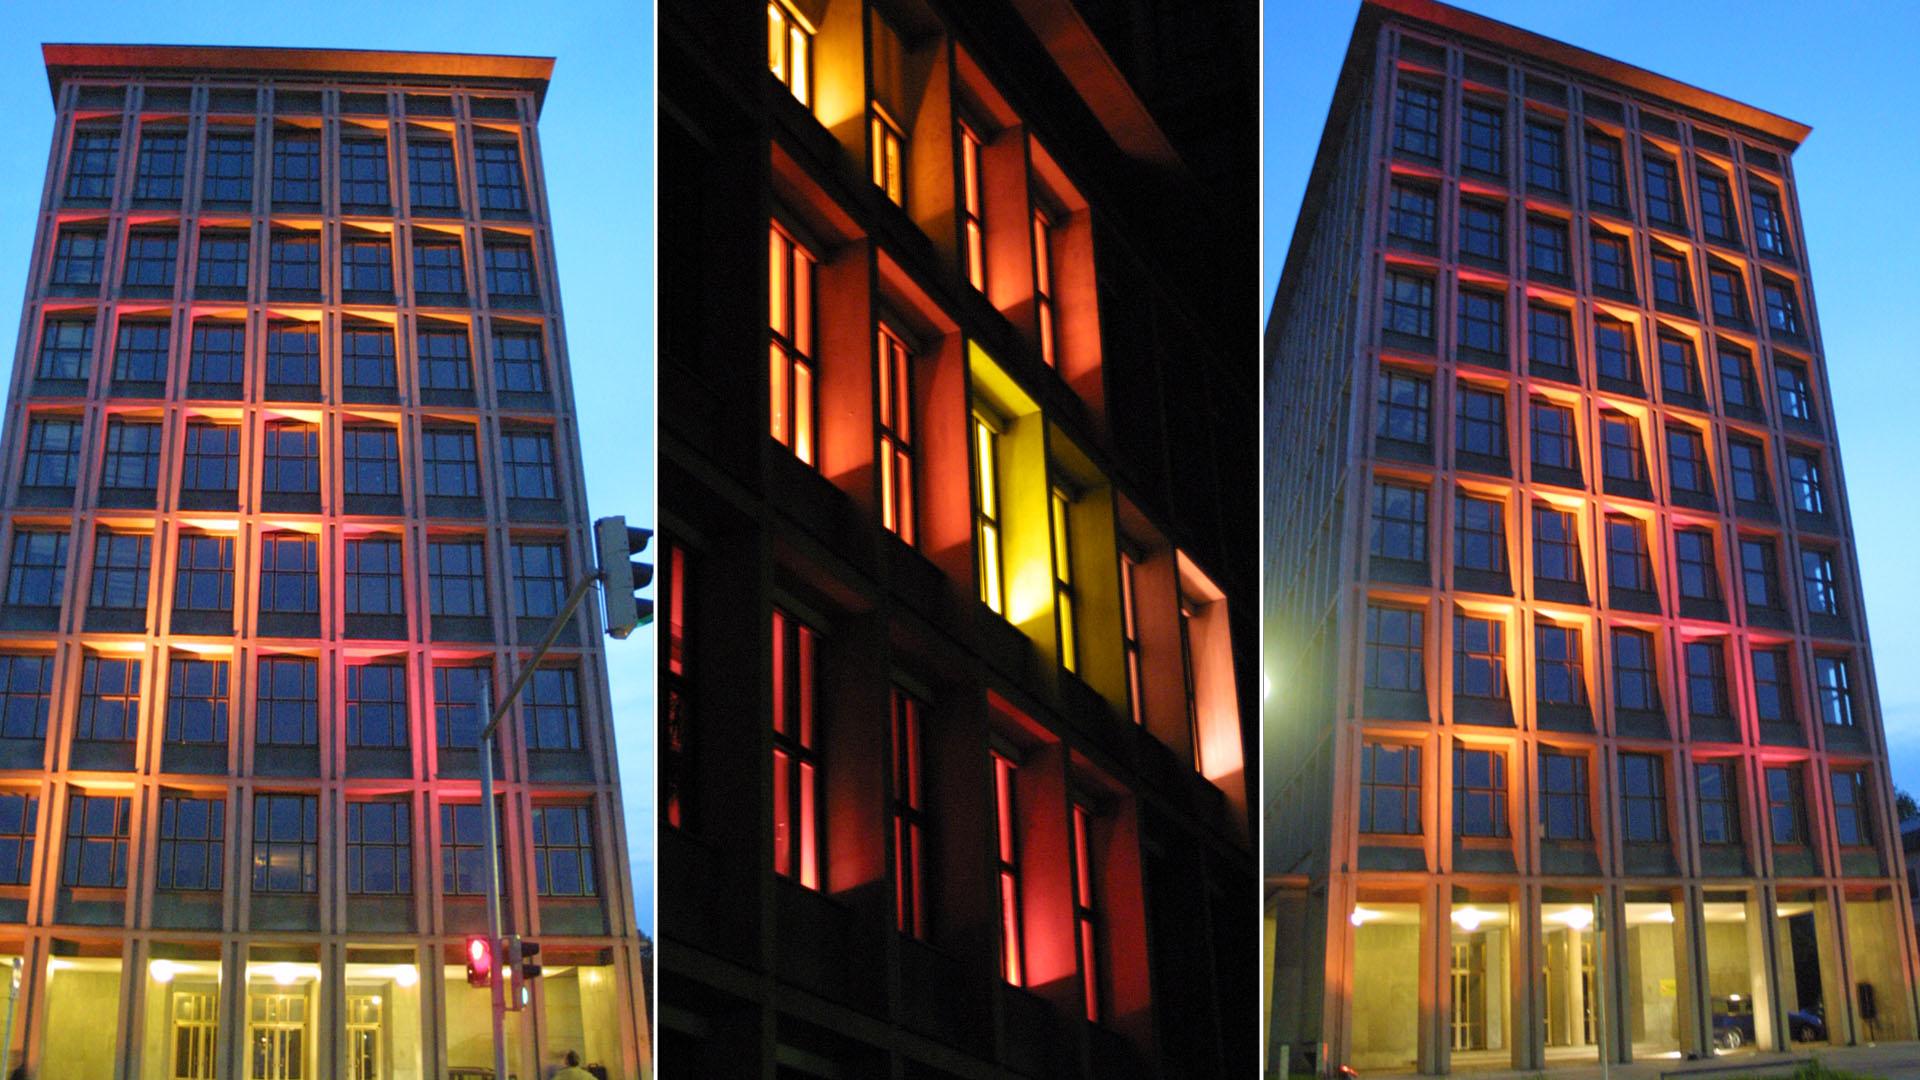 MAASS-Lichtplanung_Temporäre Fassadenbeleuchtung in Hannover__MAASS-MWK-Hannover-001